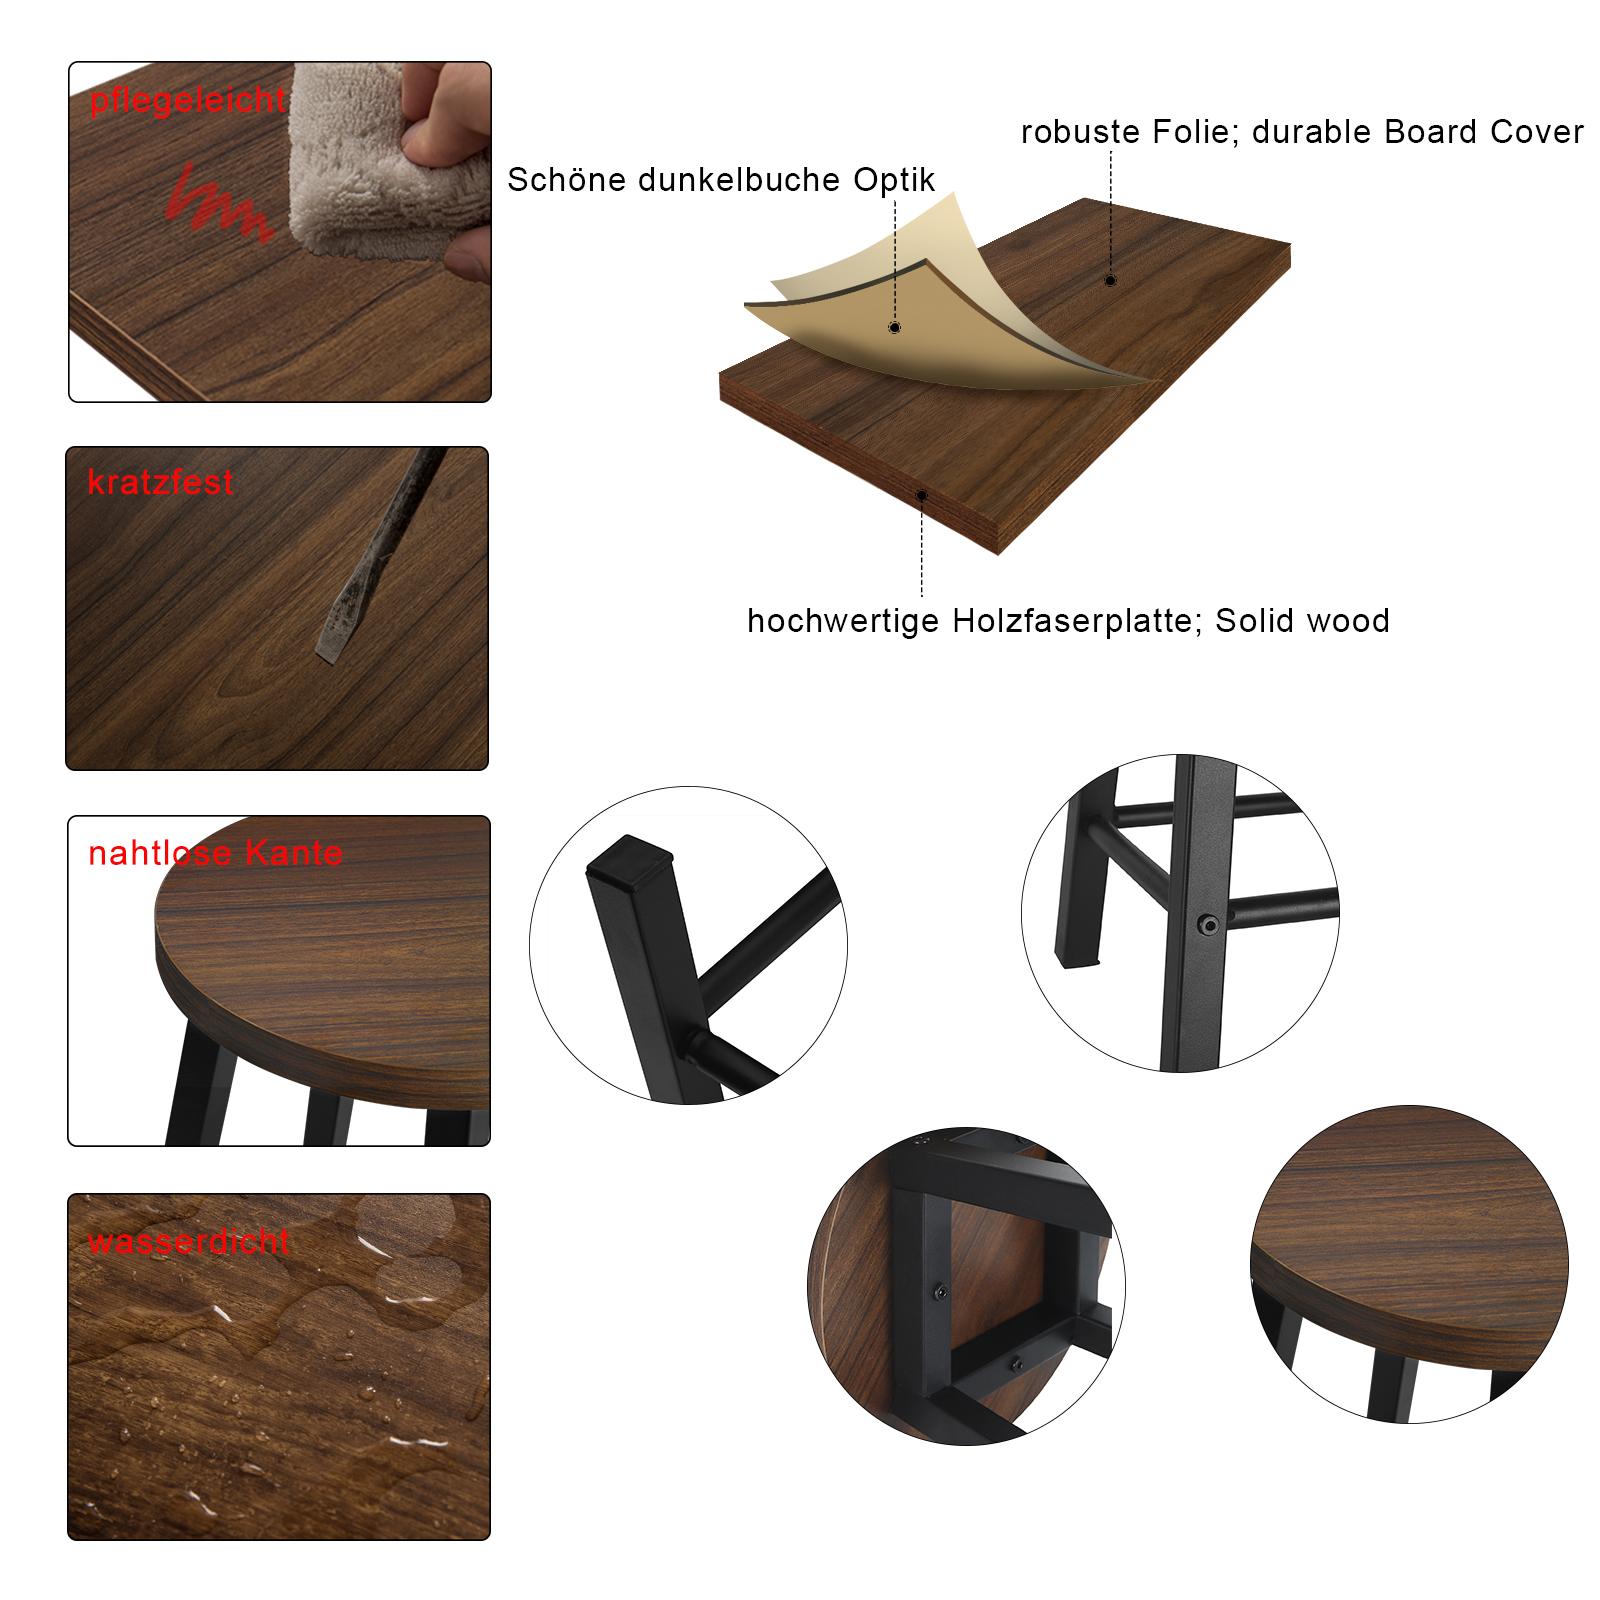 Indexbild 5 - 2 X Esszimmerstühle Küchenstühle aus Metall und Holz,Dunkelbuche BH297dc-2